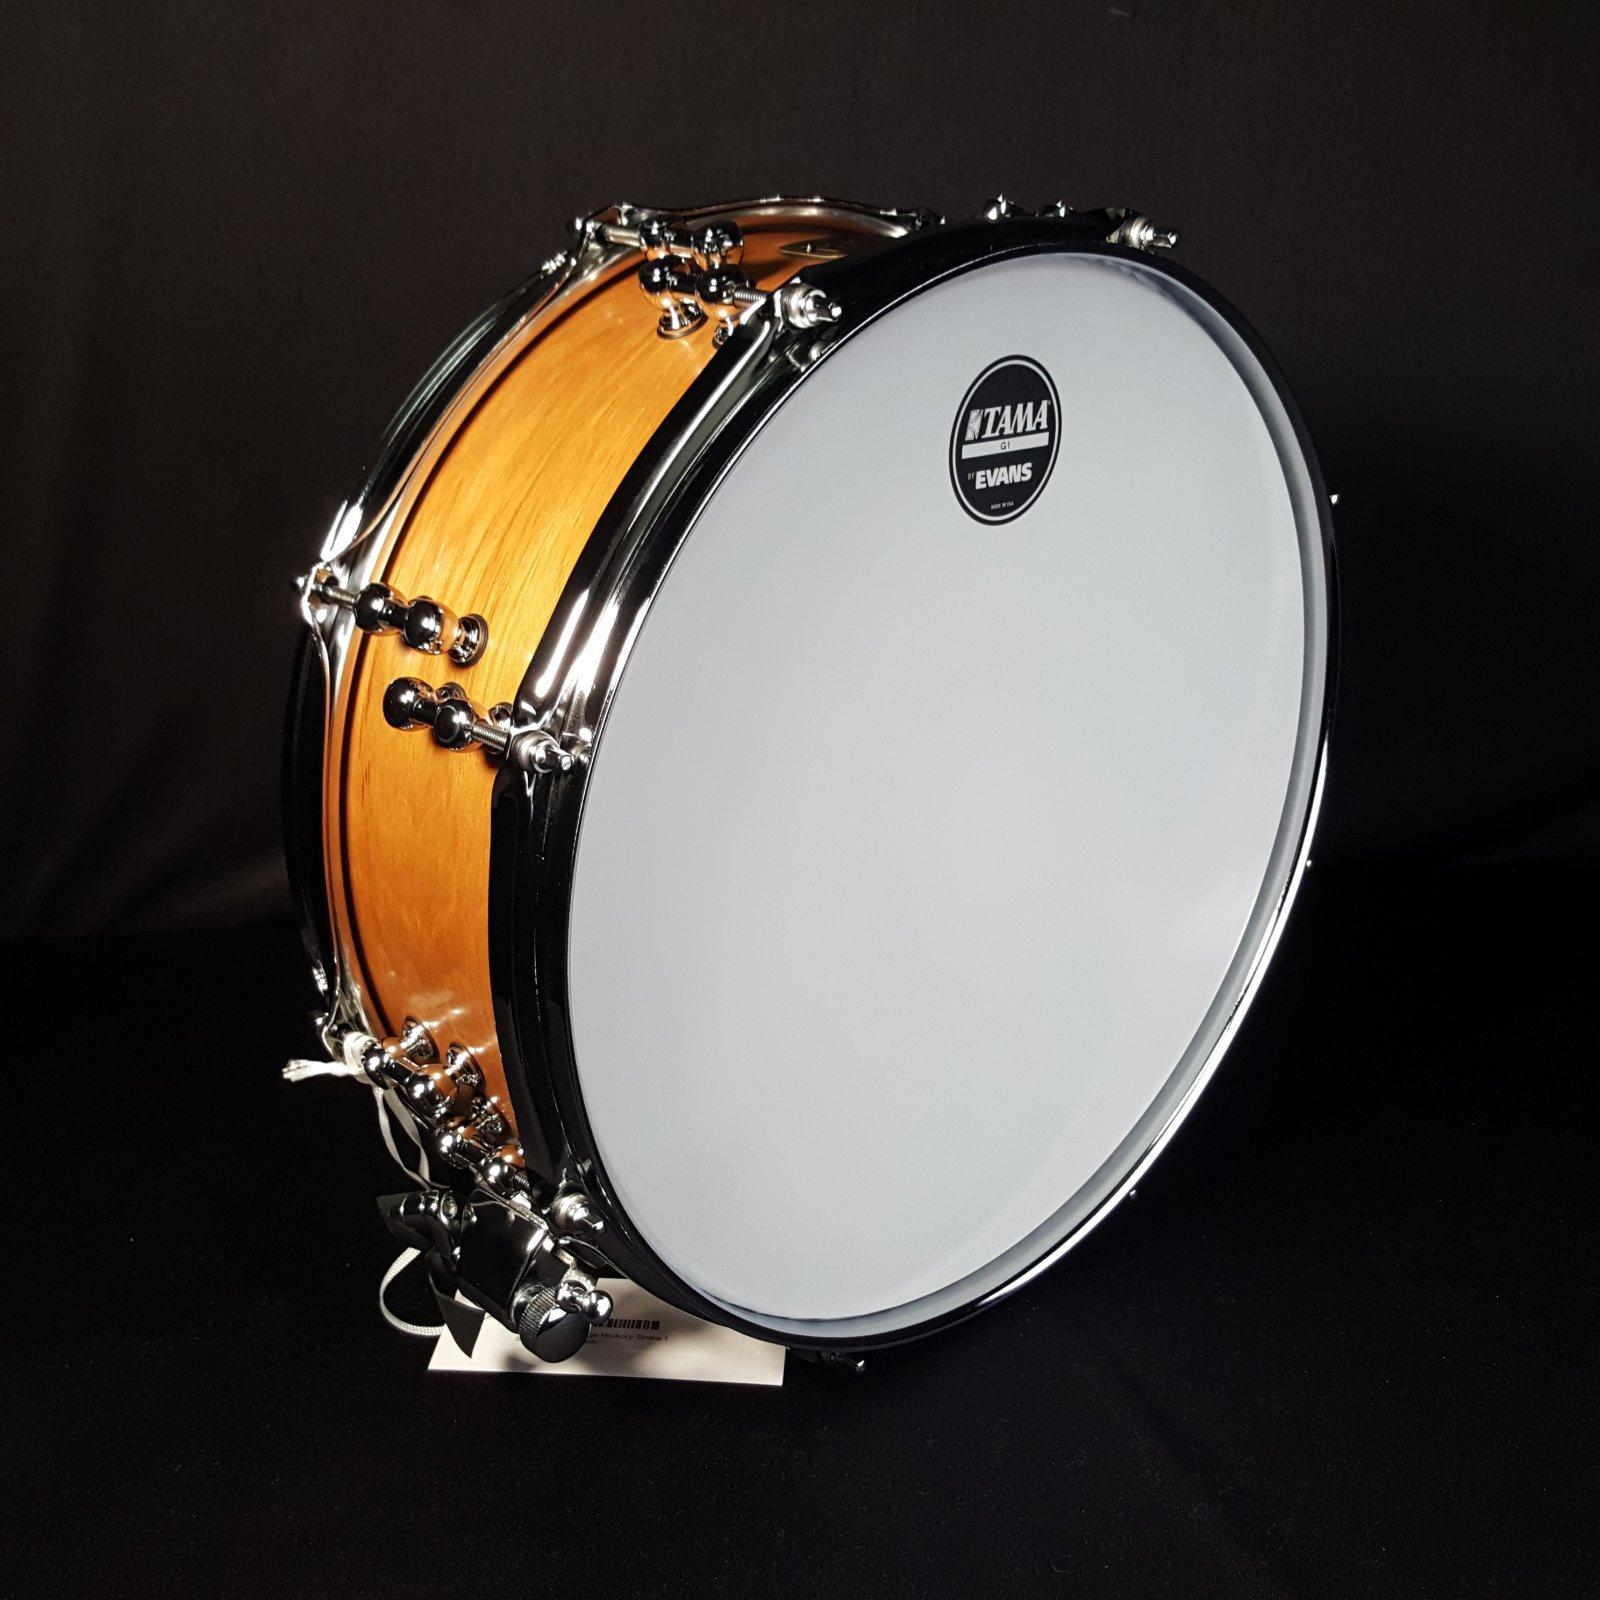 Tama SLP Vintage Hickory Snare Drum 14 x 5  LHK145-SVH